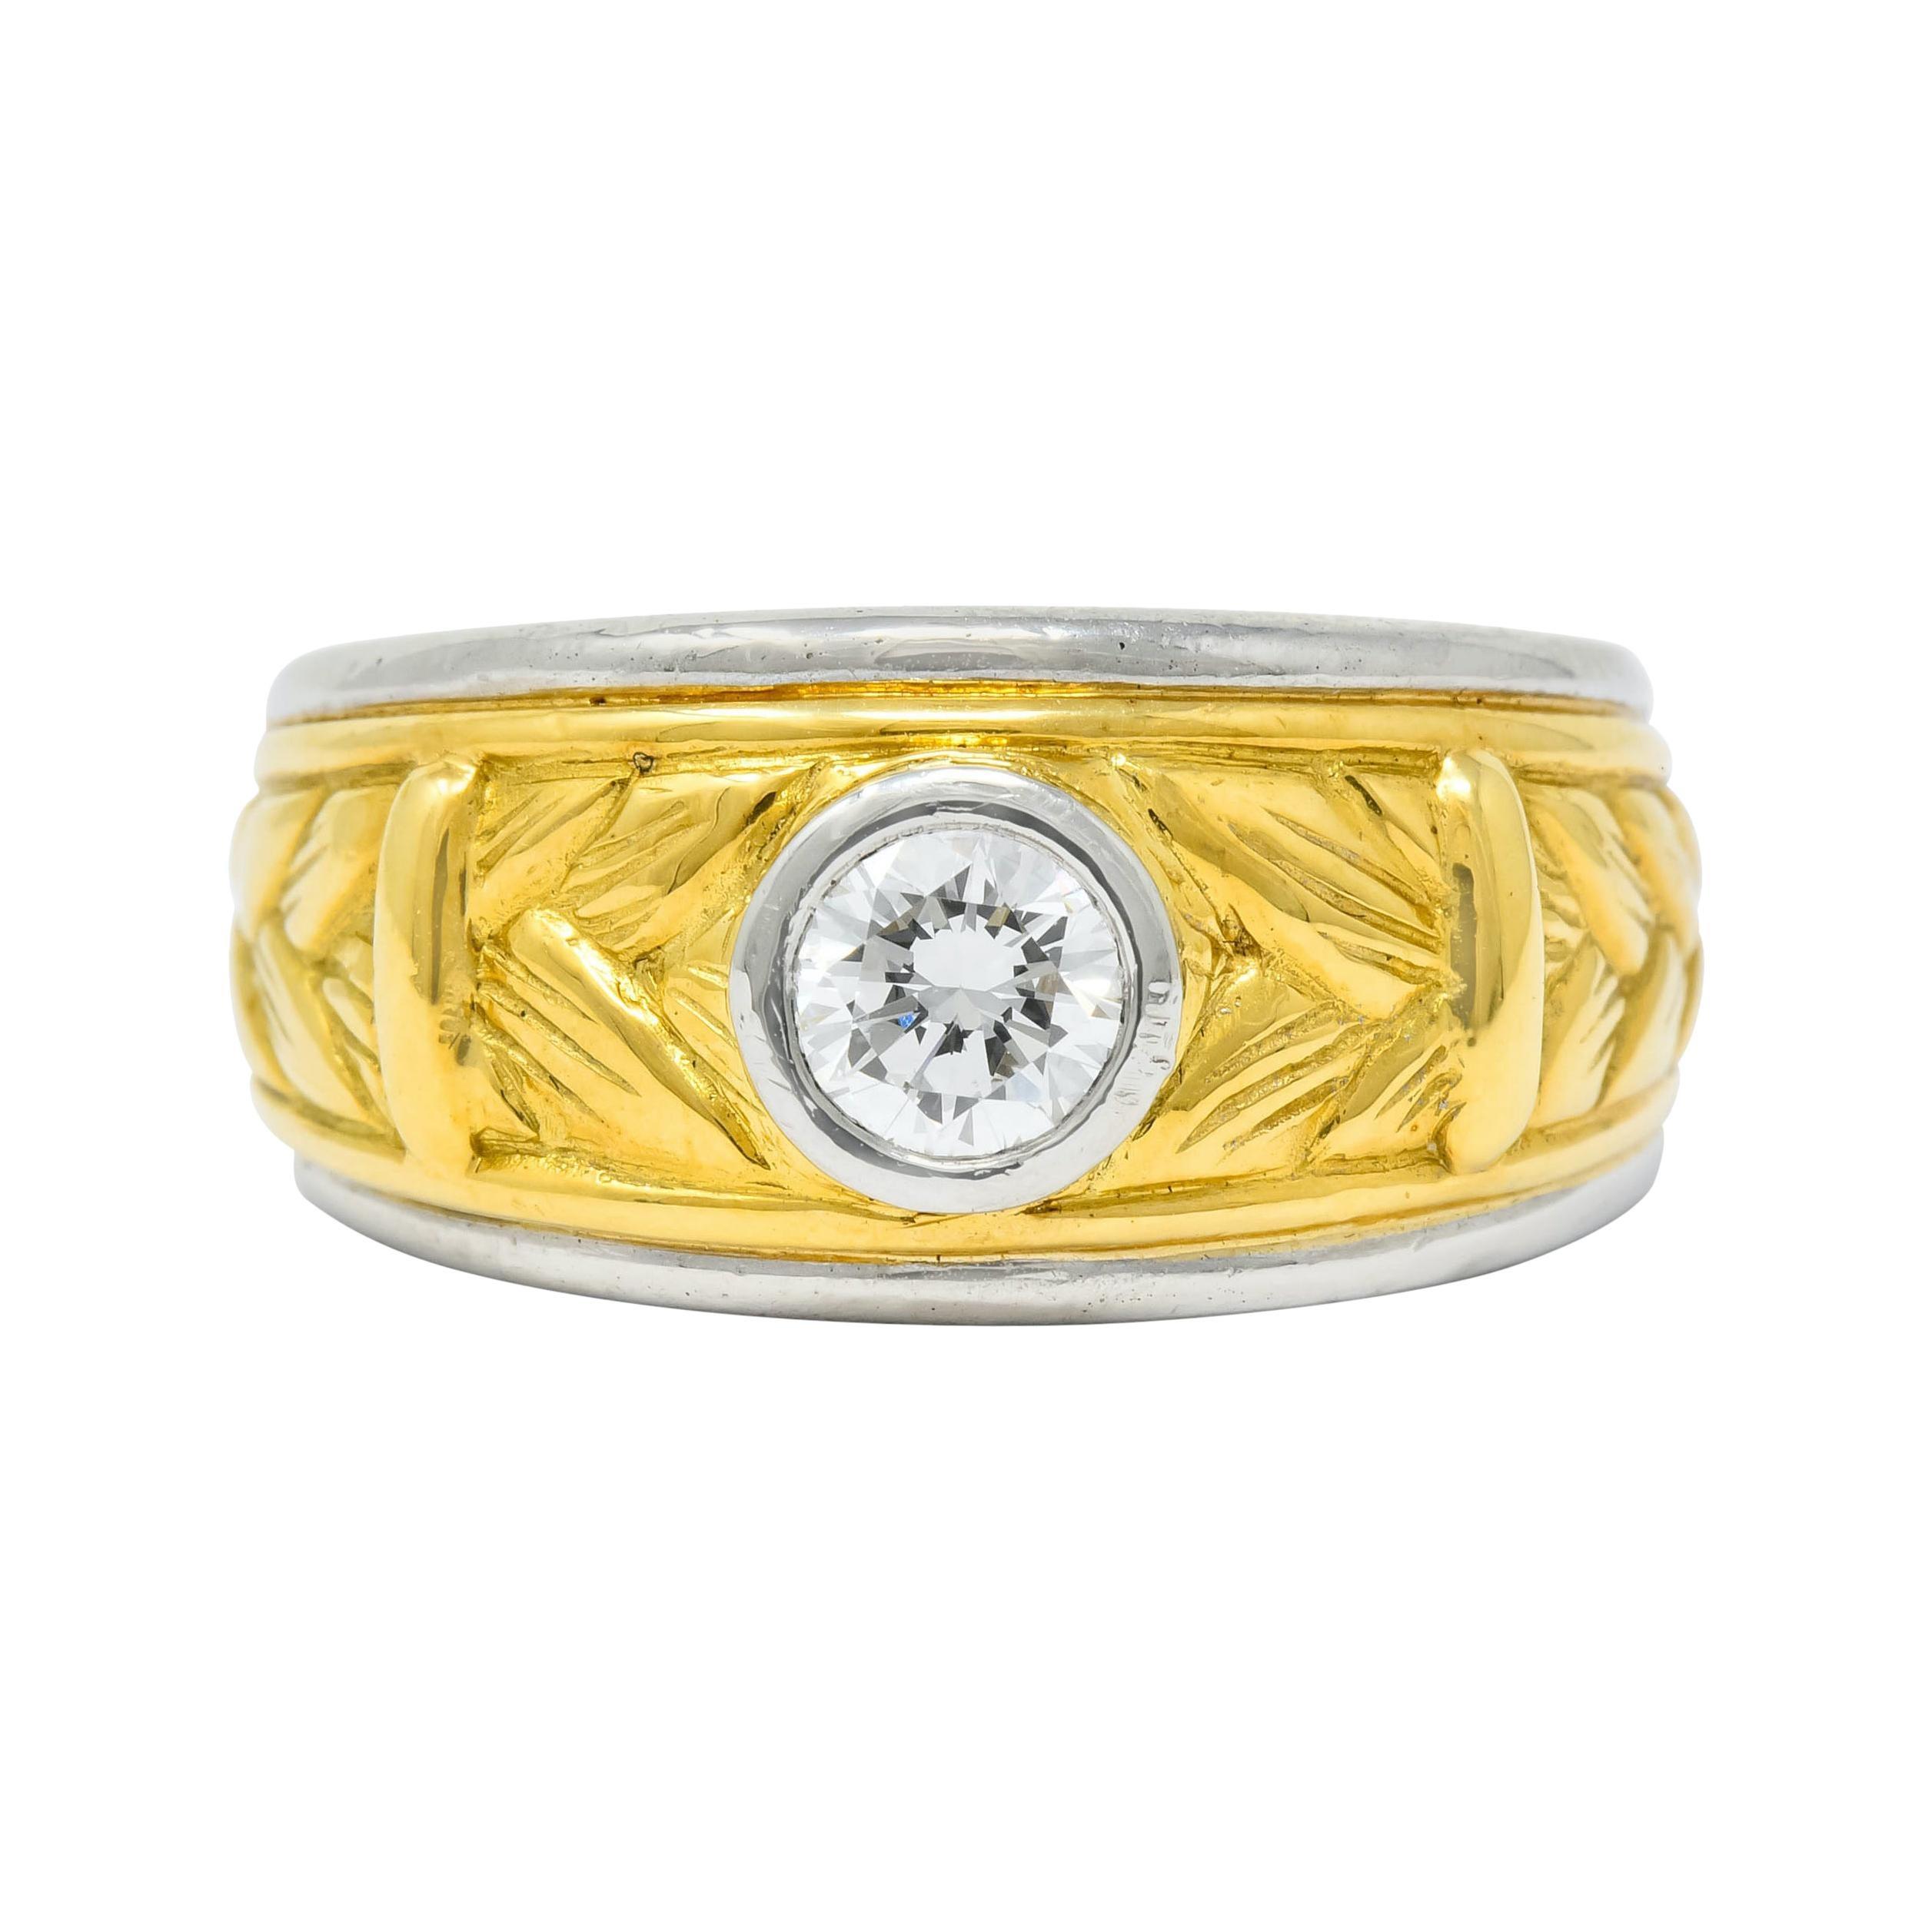 Vintage 0.47 Carat Diamond Platinum 18 Karat Gold Band Ring